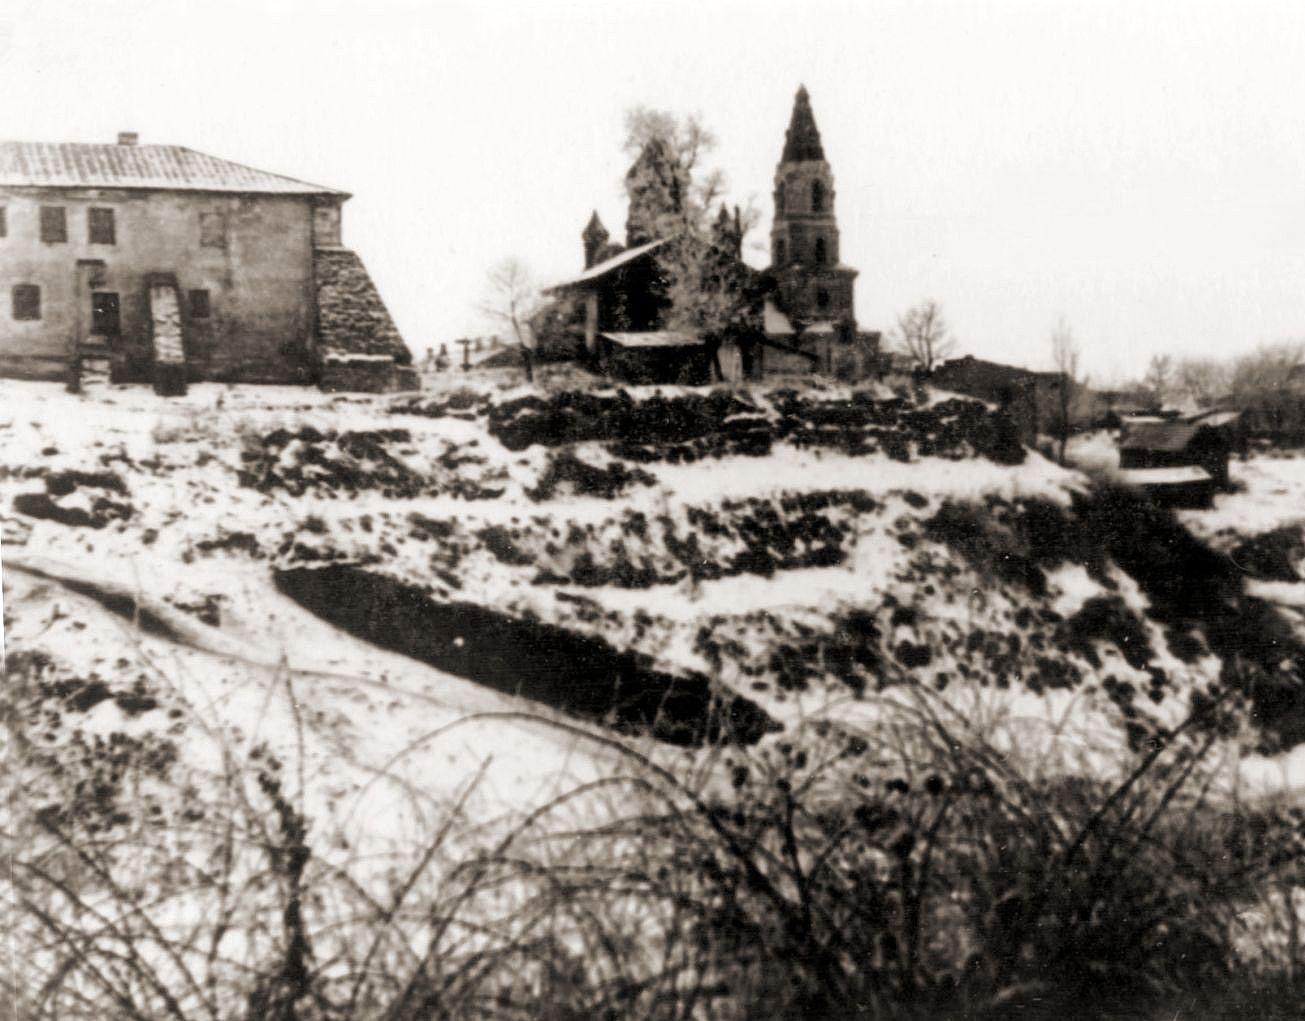 Zdjęcie żytomierskiego zamczyska, wykonane w 1959 roku. Źródło - zt4ever.org.ua